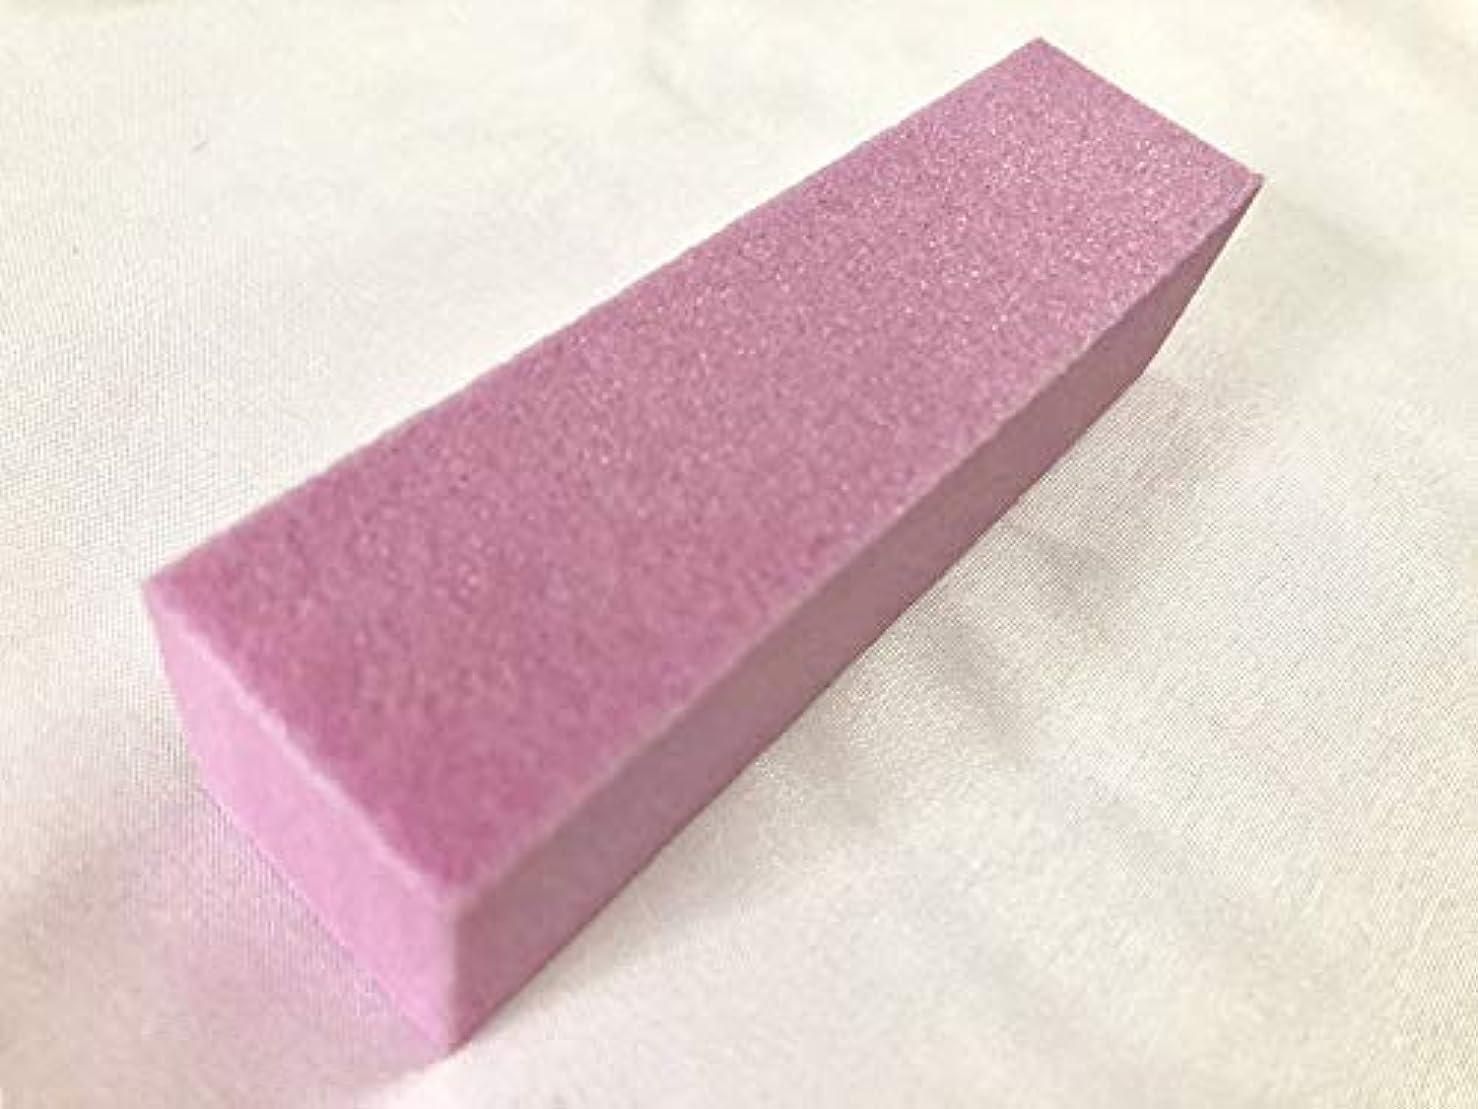 王子曲スワップスポンジ ネイル ファイル 4本セット マニュキュア ネイル ジェルネイル カラフルなスポンジやすりです 使用用途: ネイルファイル 角質とり 刃物のやすり